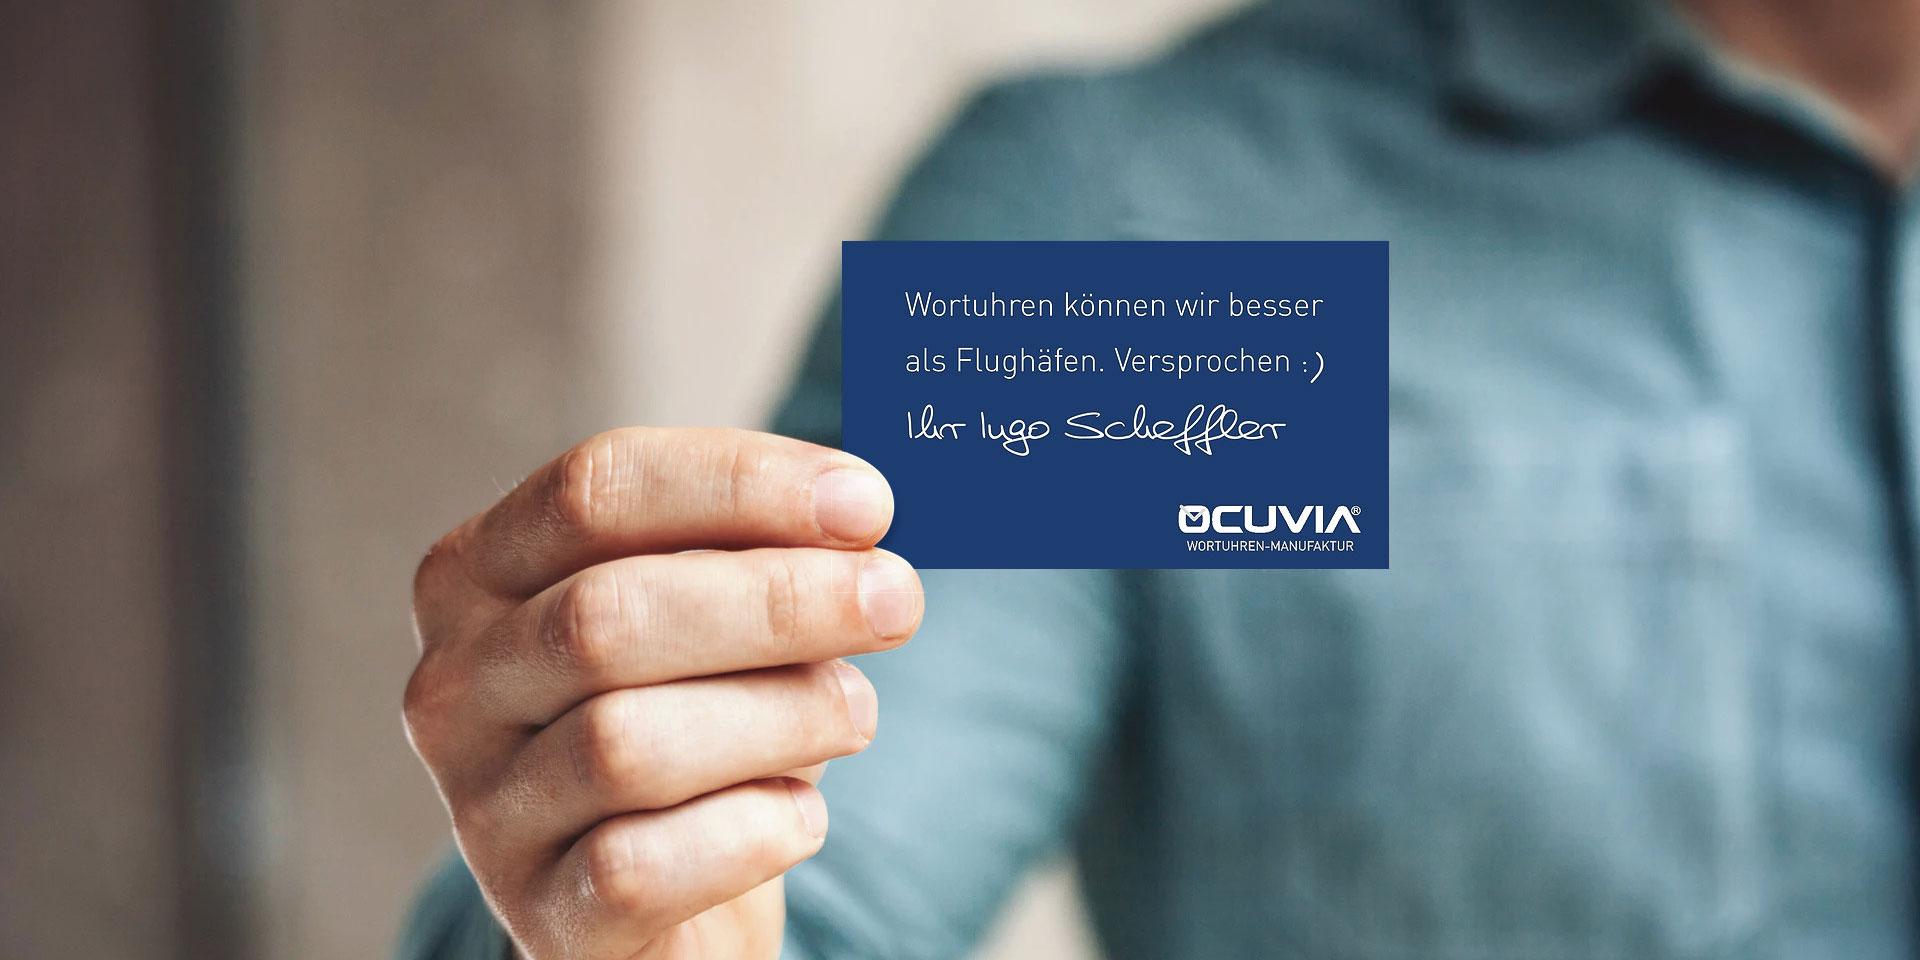 OCUVIA® · Wortuhr · Kontakt · Wortuhren-Manufaktur Berlin